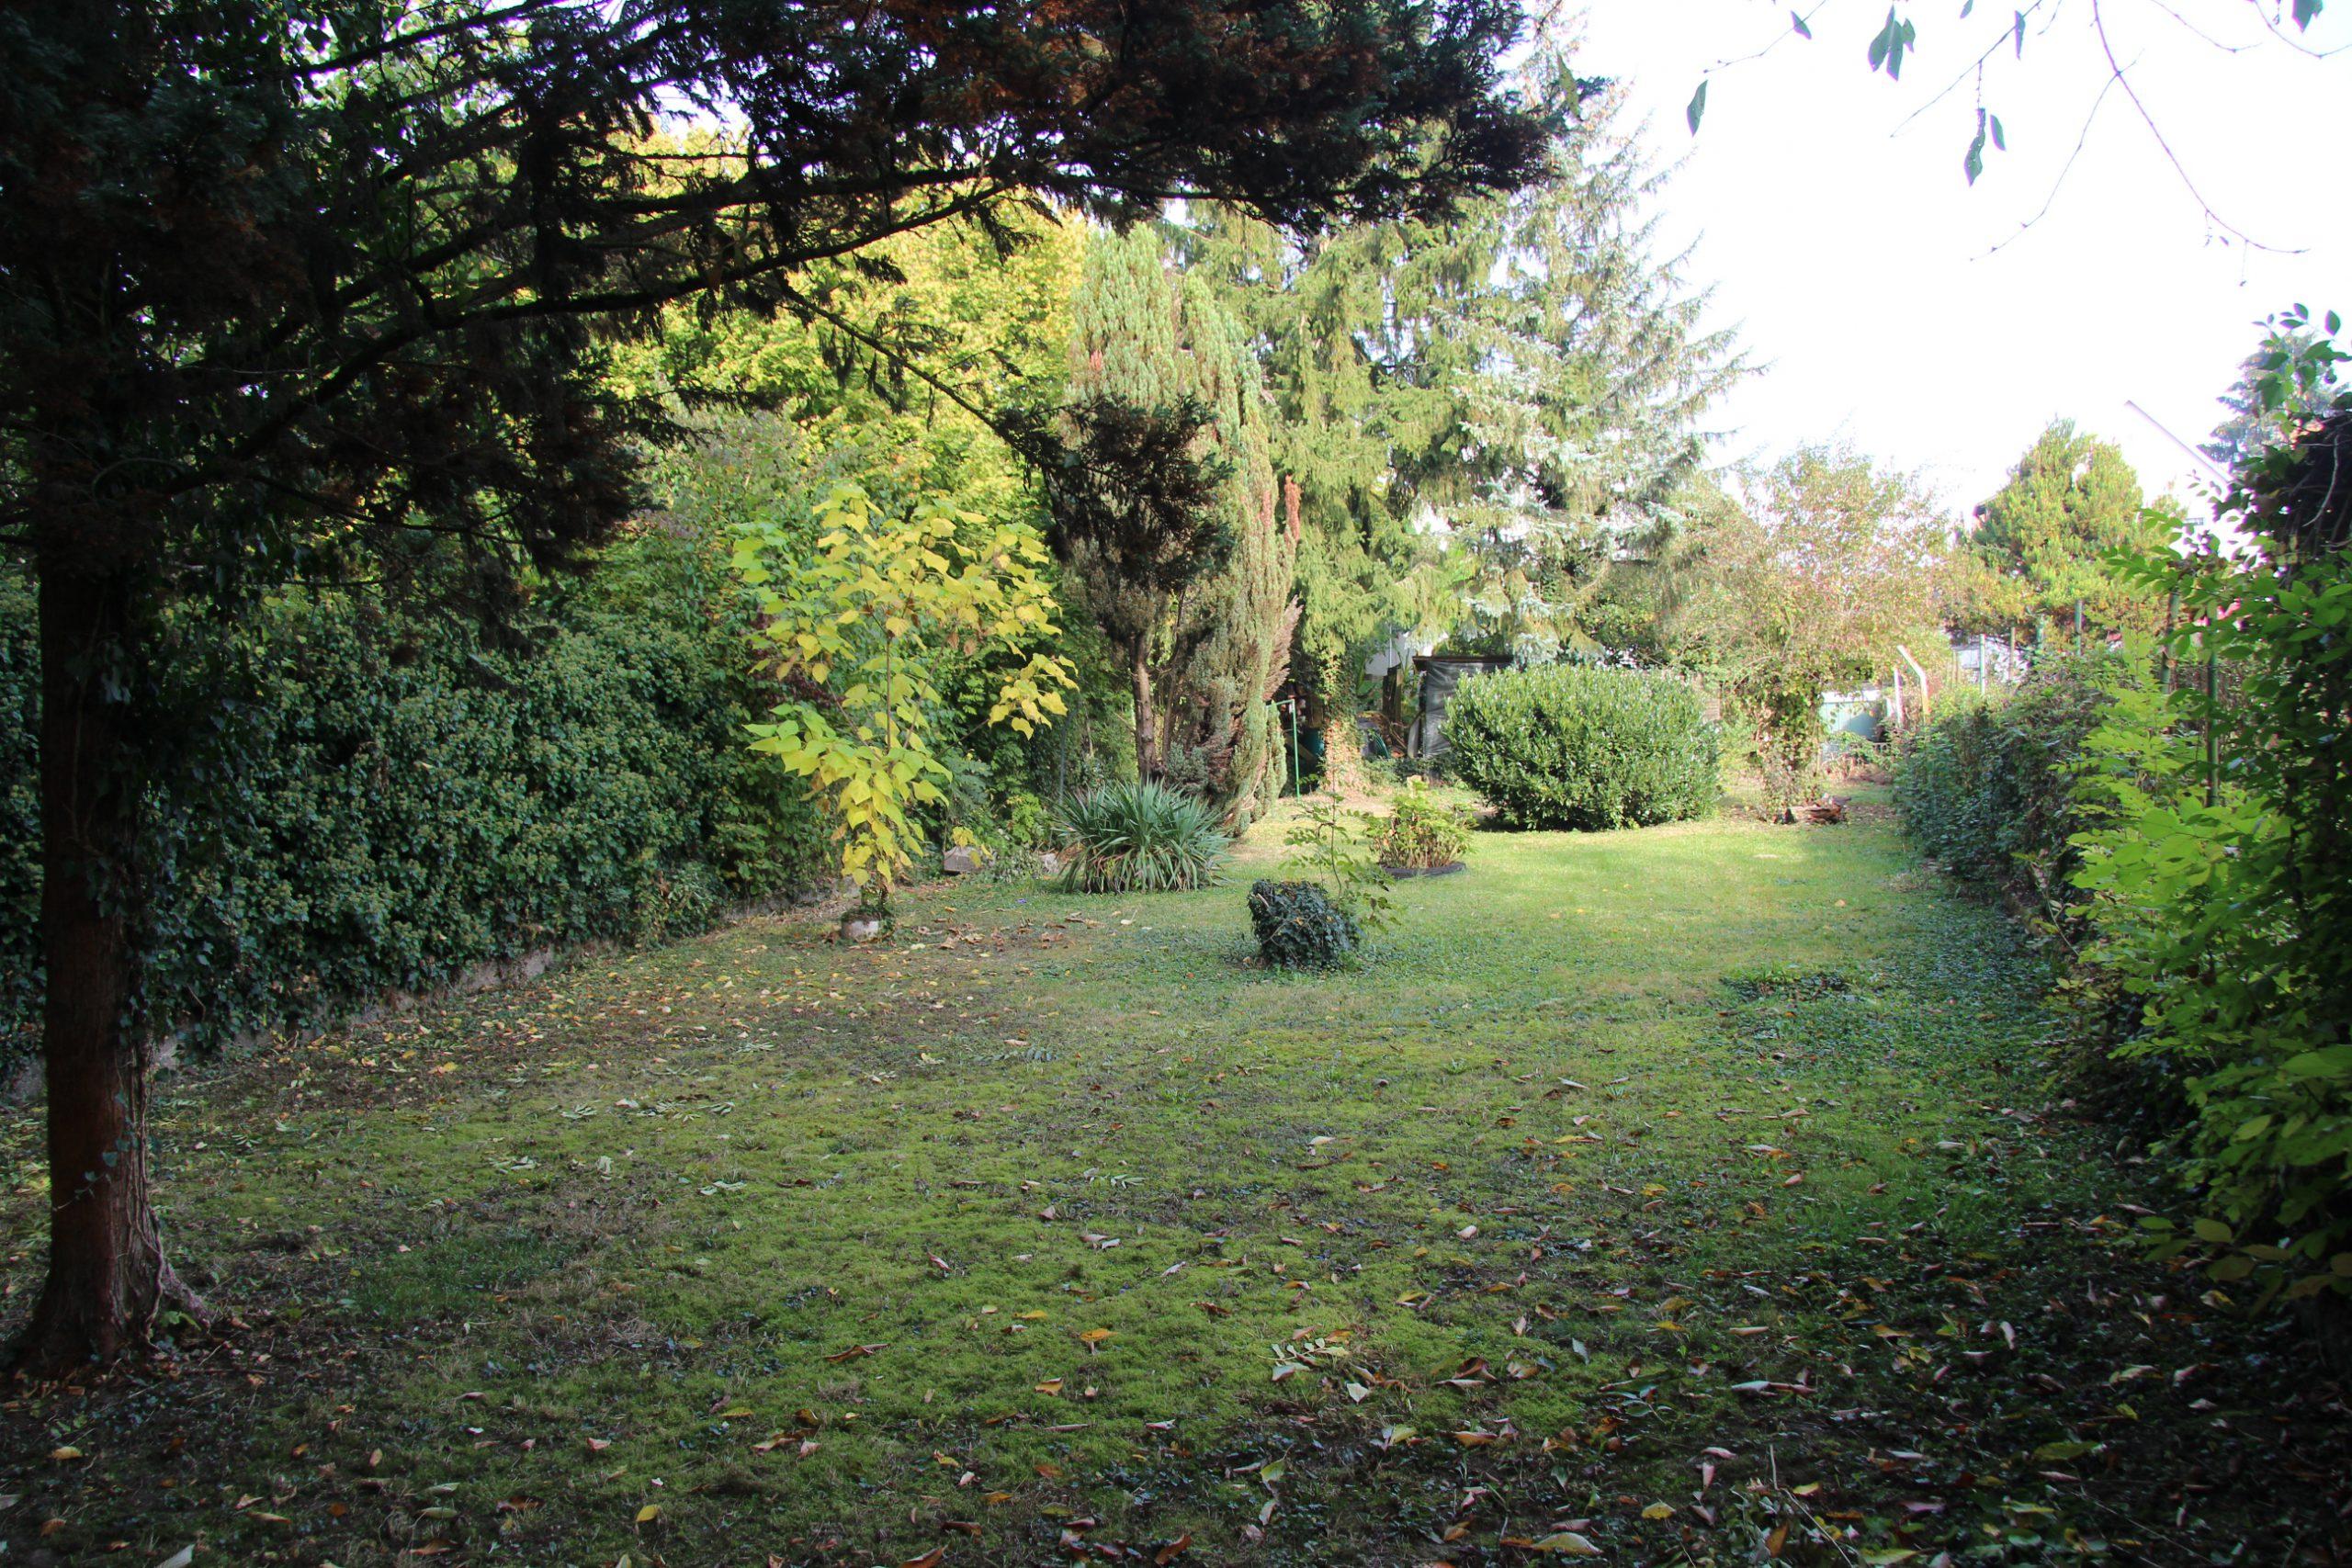 Blick auf das Gartengrundstück - Immobilie im freiwilligen Bieterverfahren